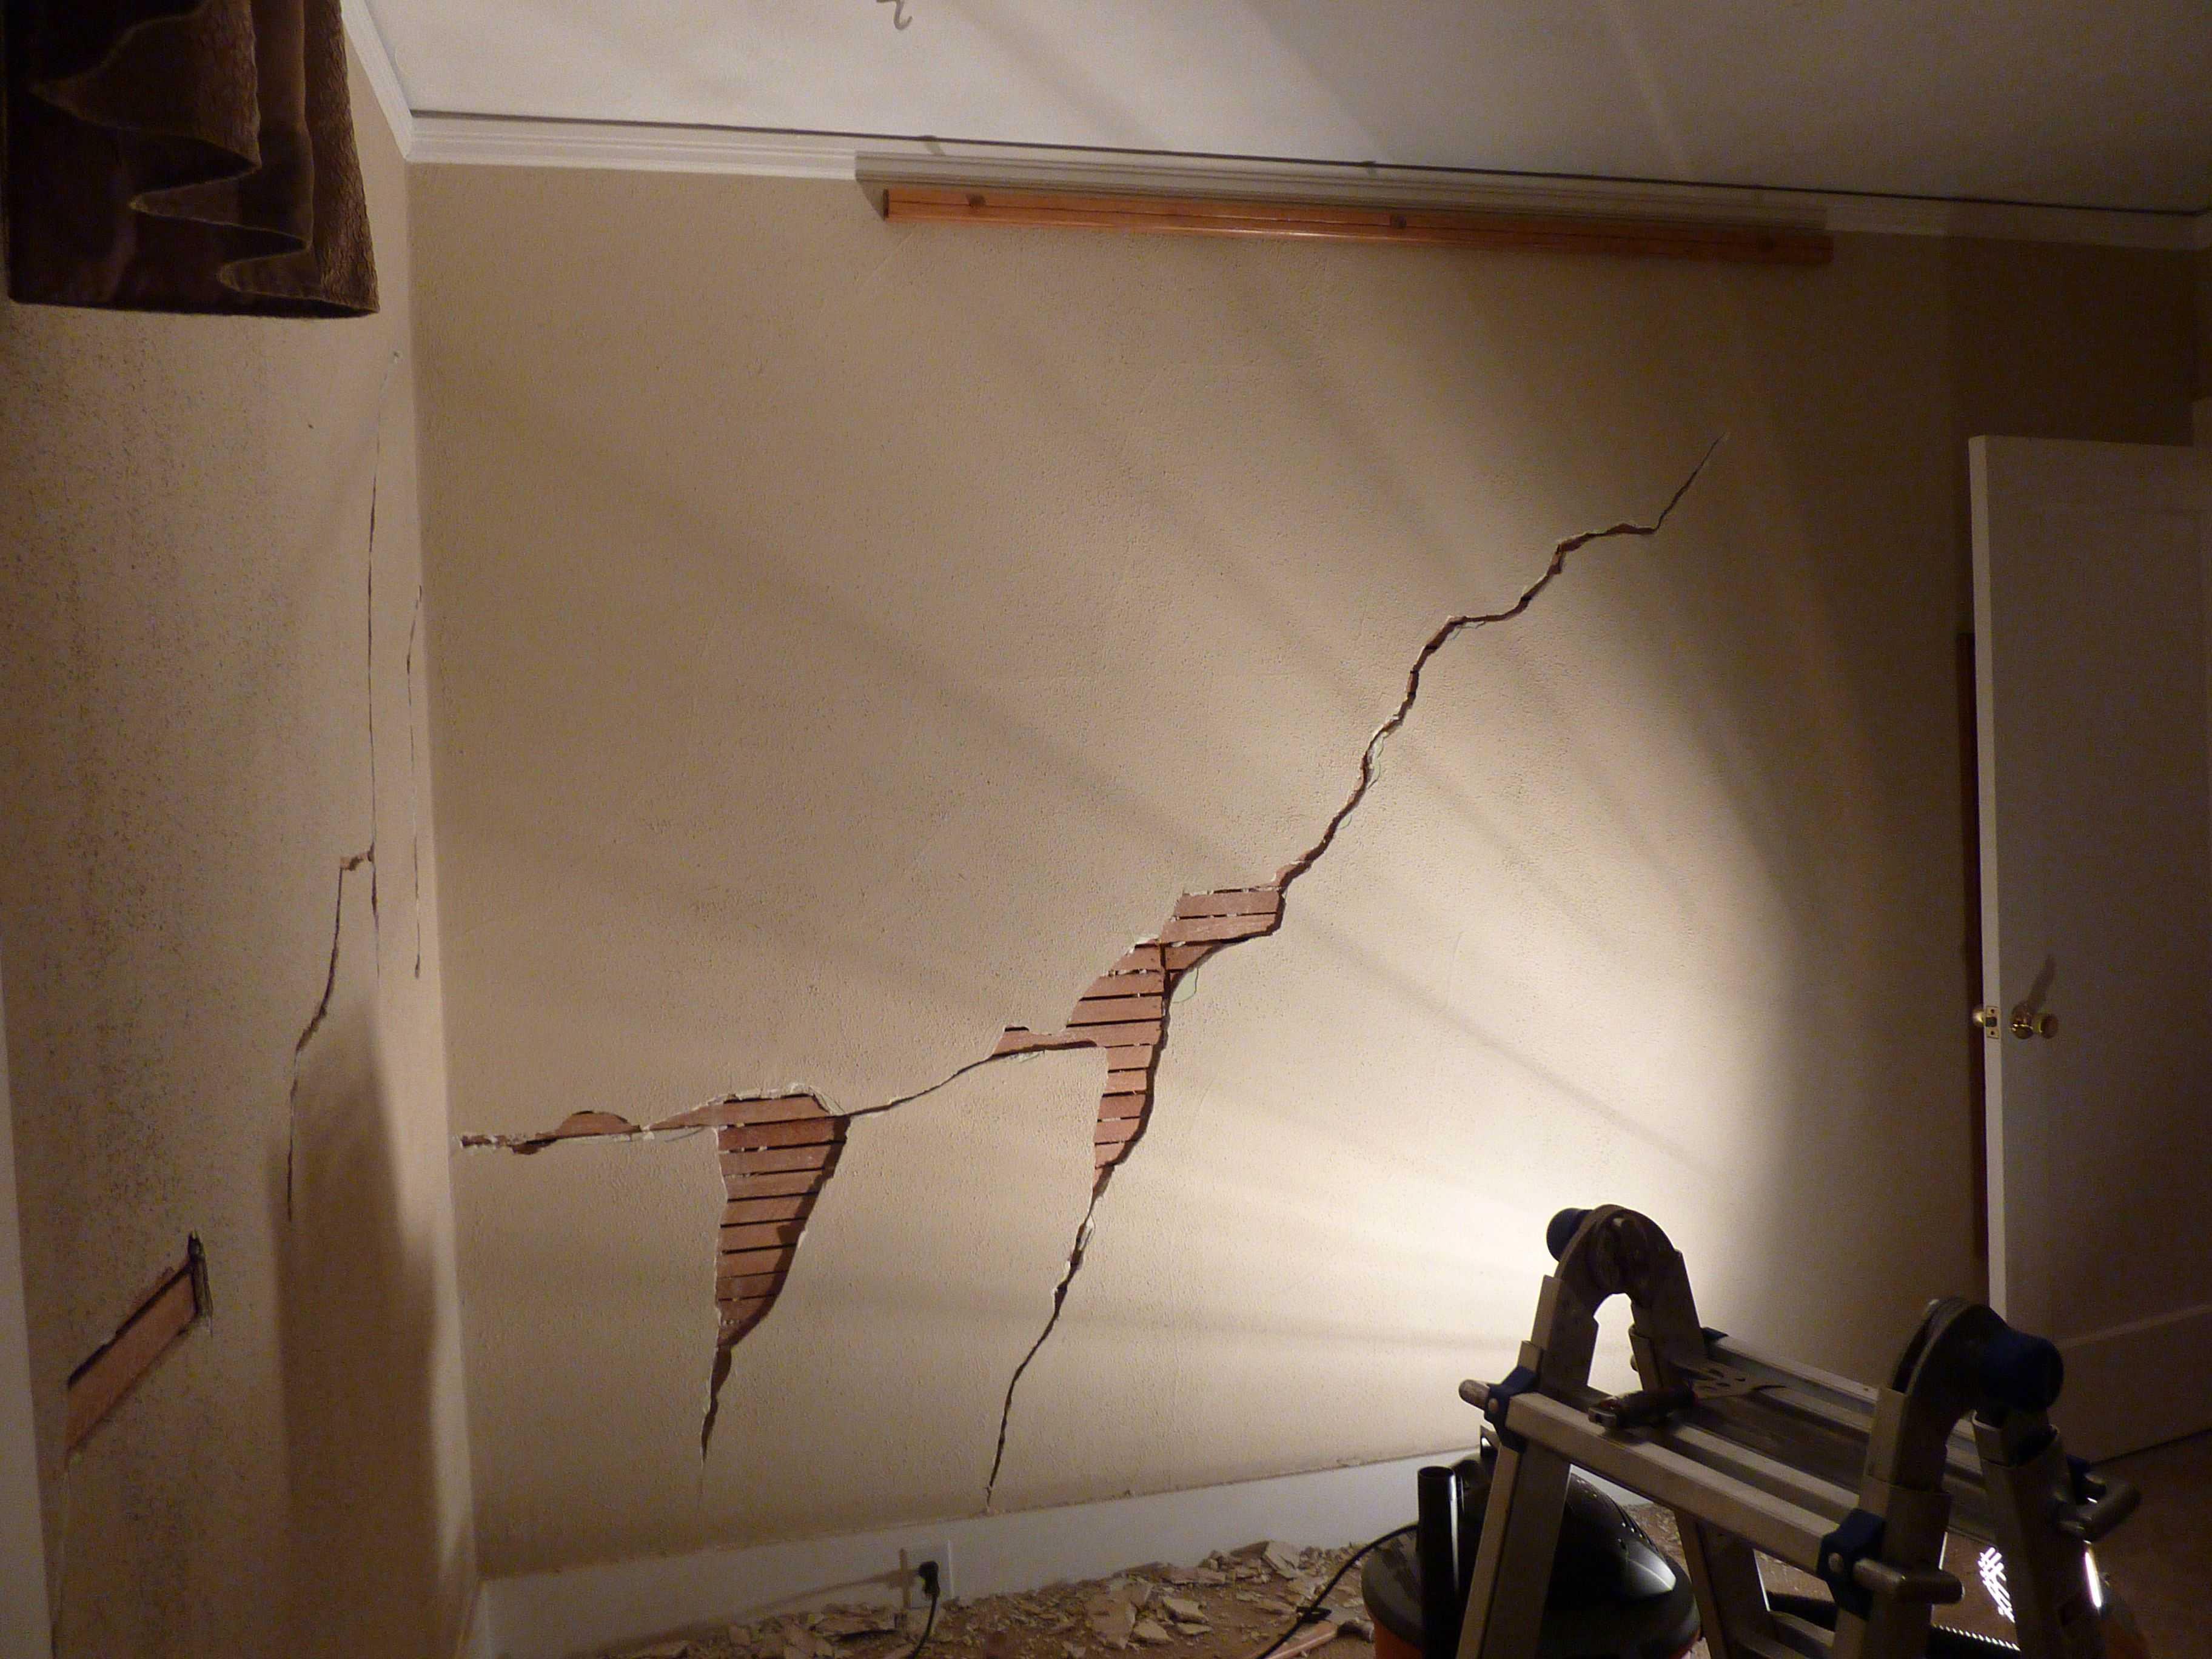 пример использования акриловой шпаклевкой путц в ремонте комнаты своими руками